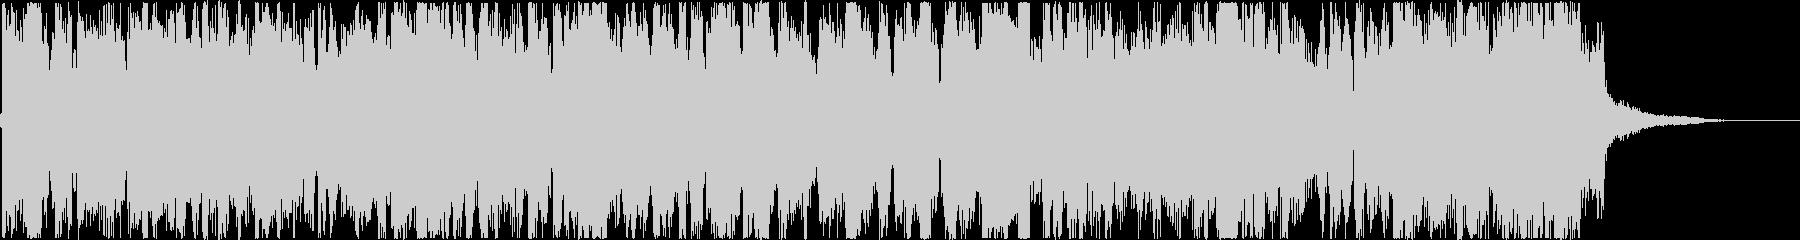 ほのぼのオシャレで前向きなヒップホップの未再生の波形